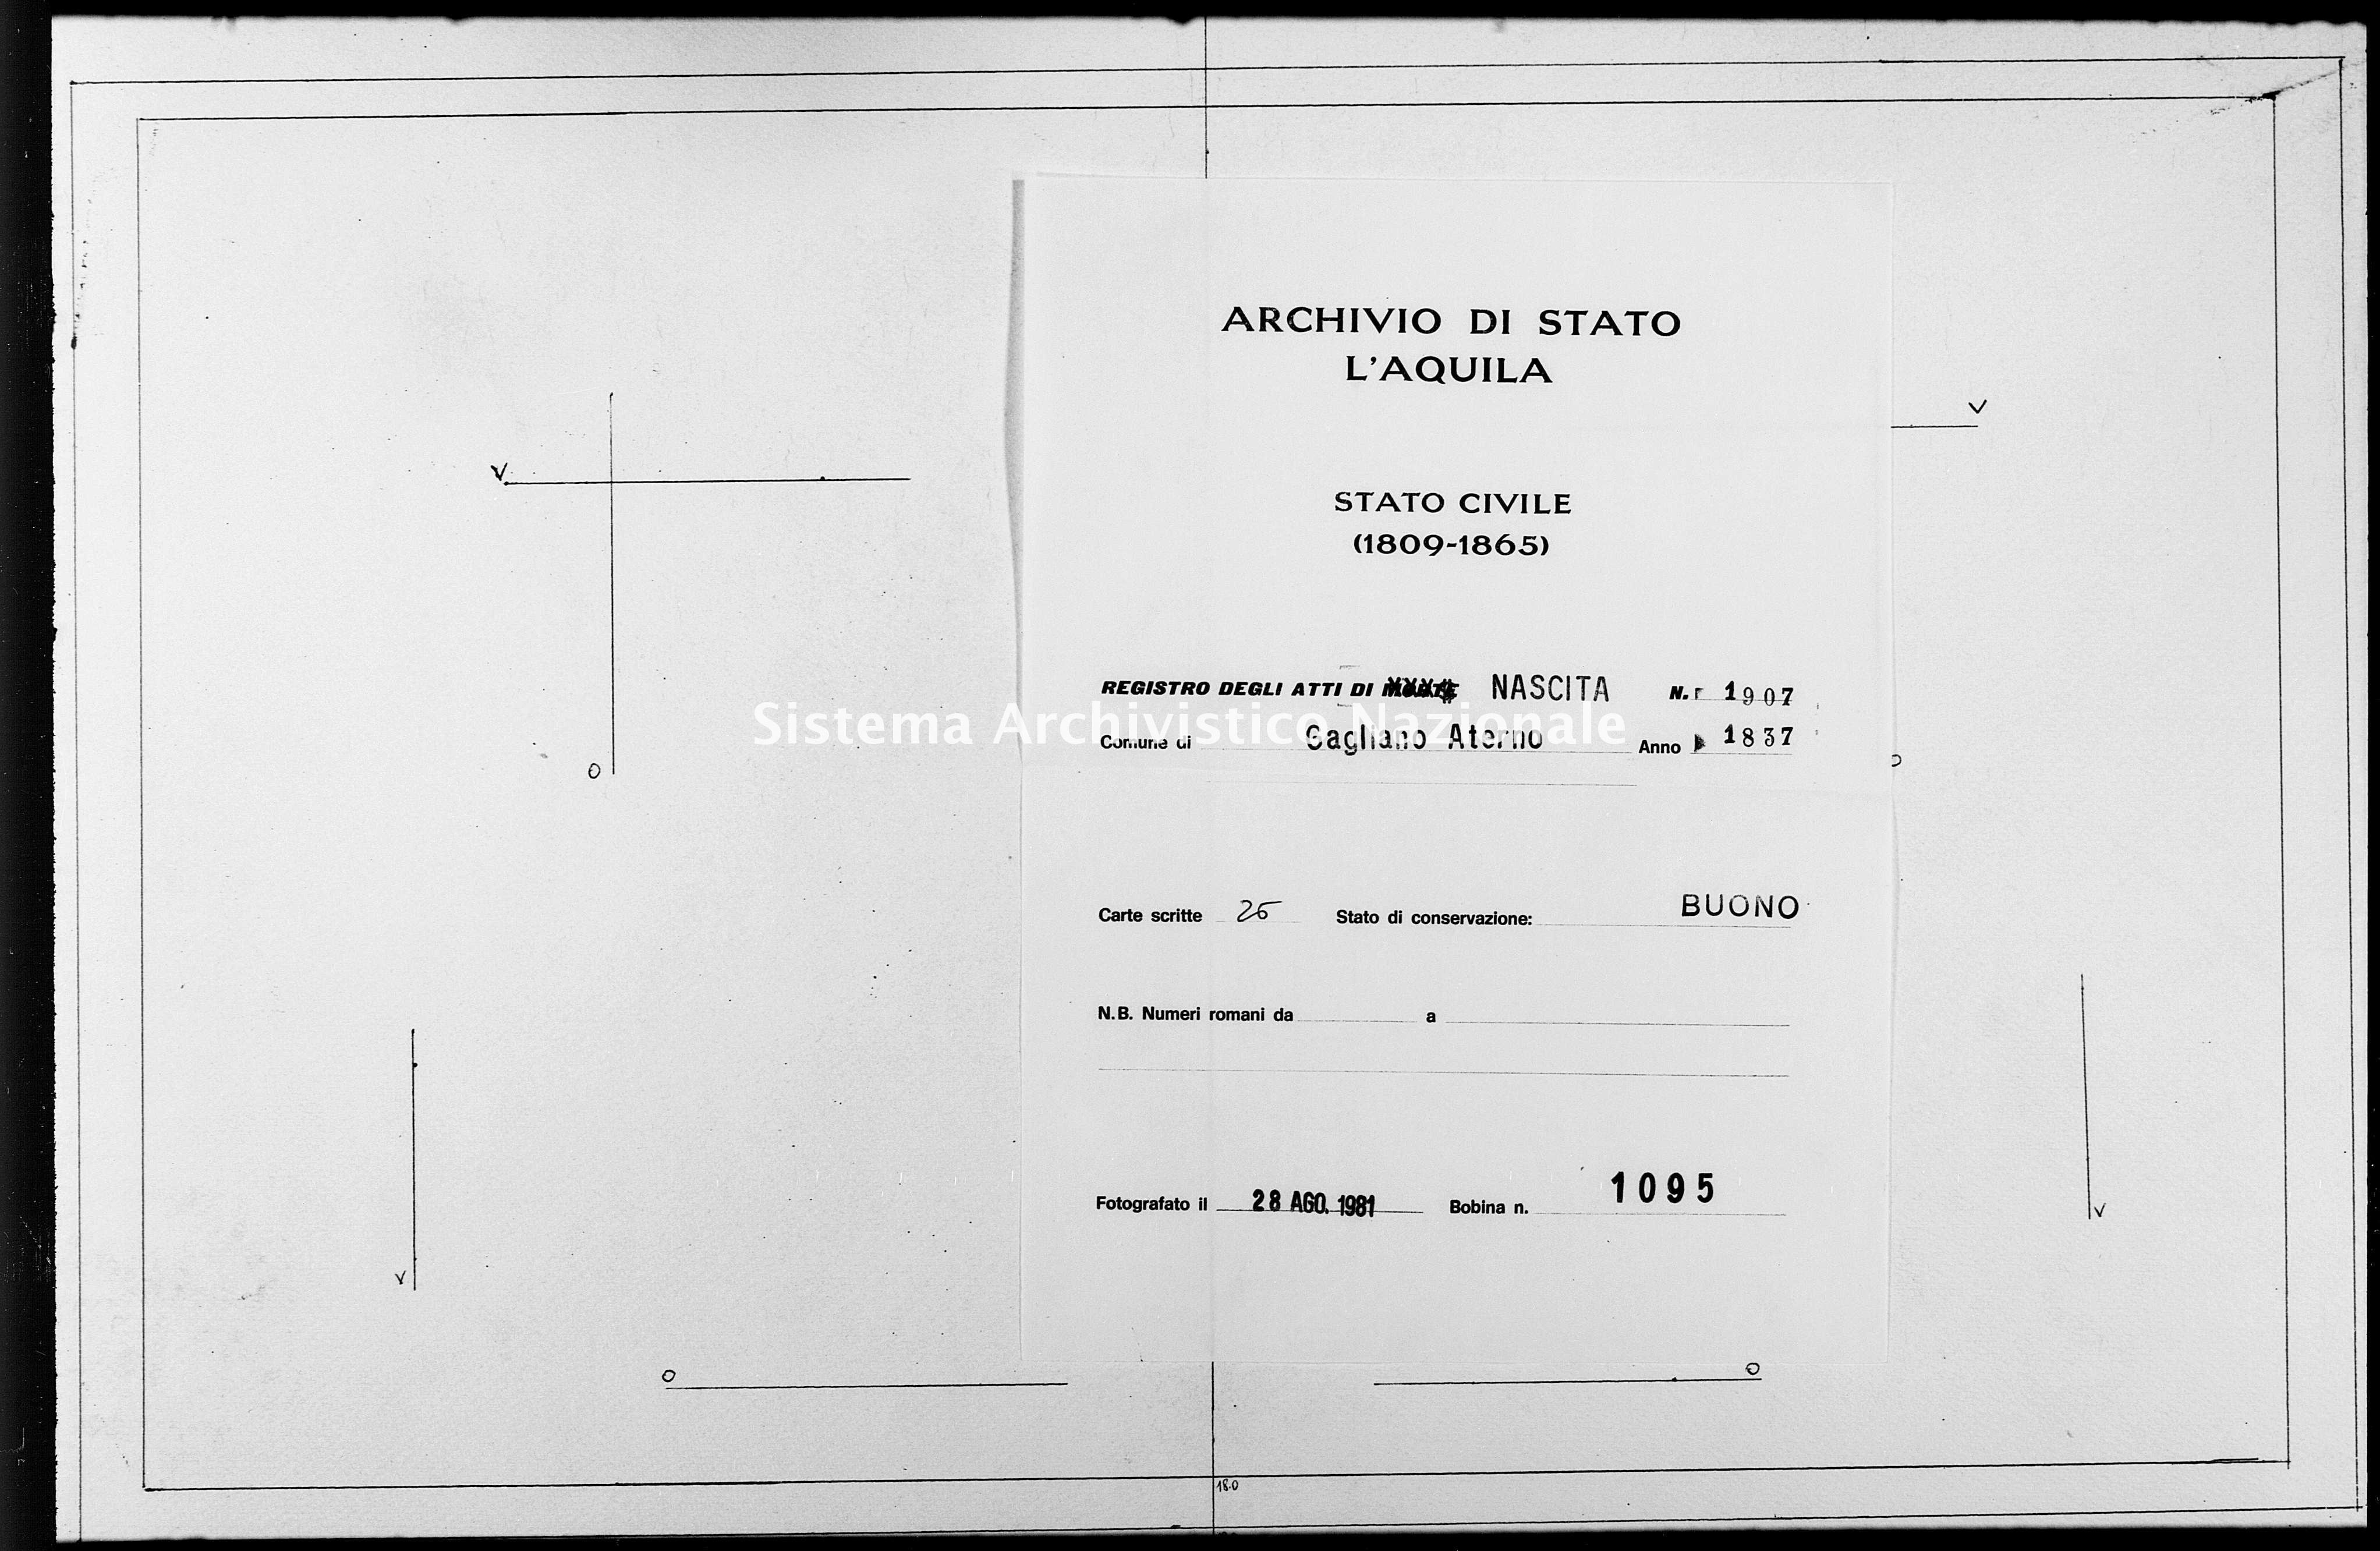 Archivio di stato di L'aquila - Stato civile della restaurazione - Gagliano Aterno - Nati - 1837 - 1907 -